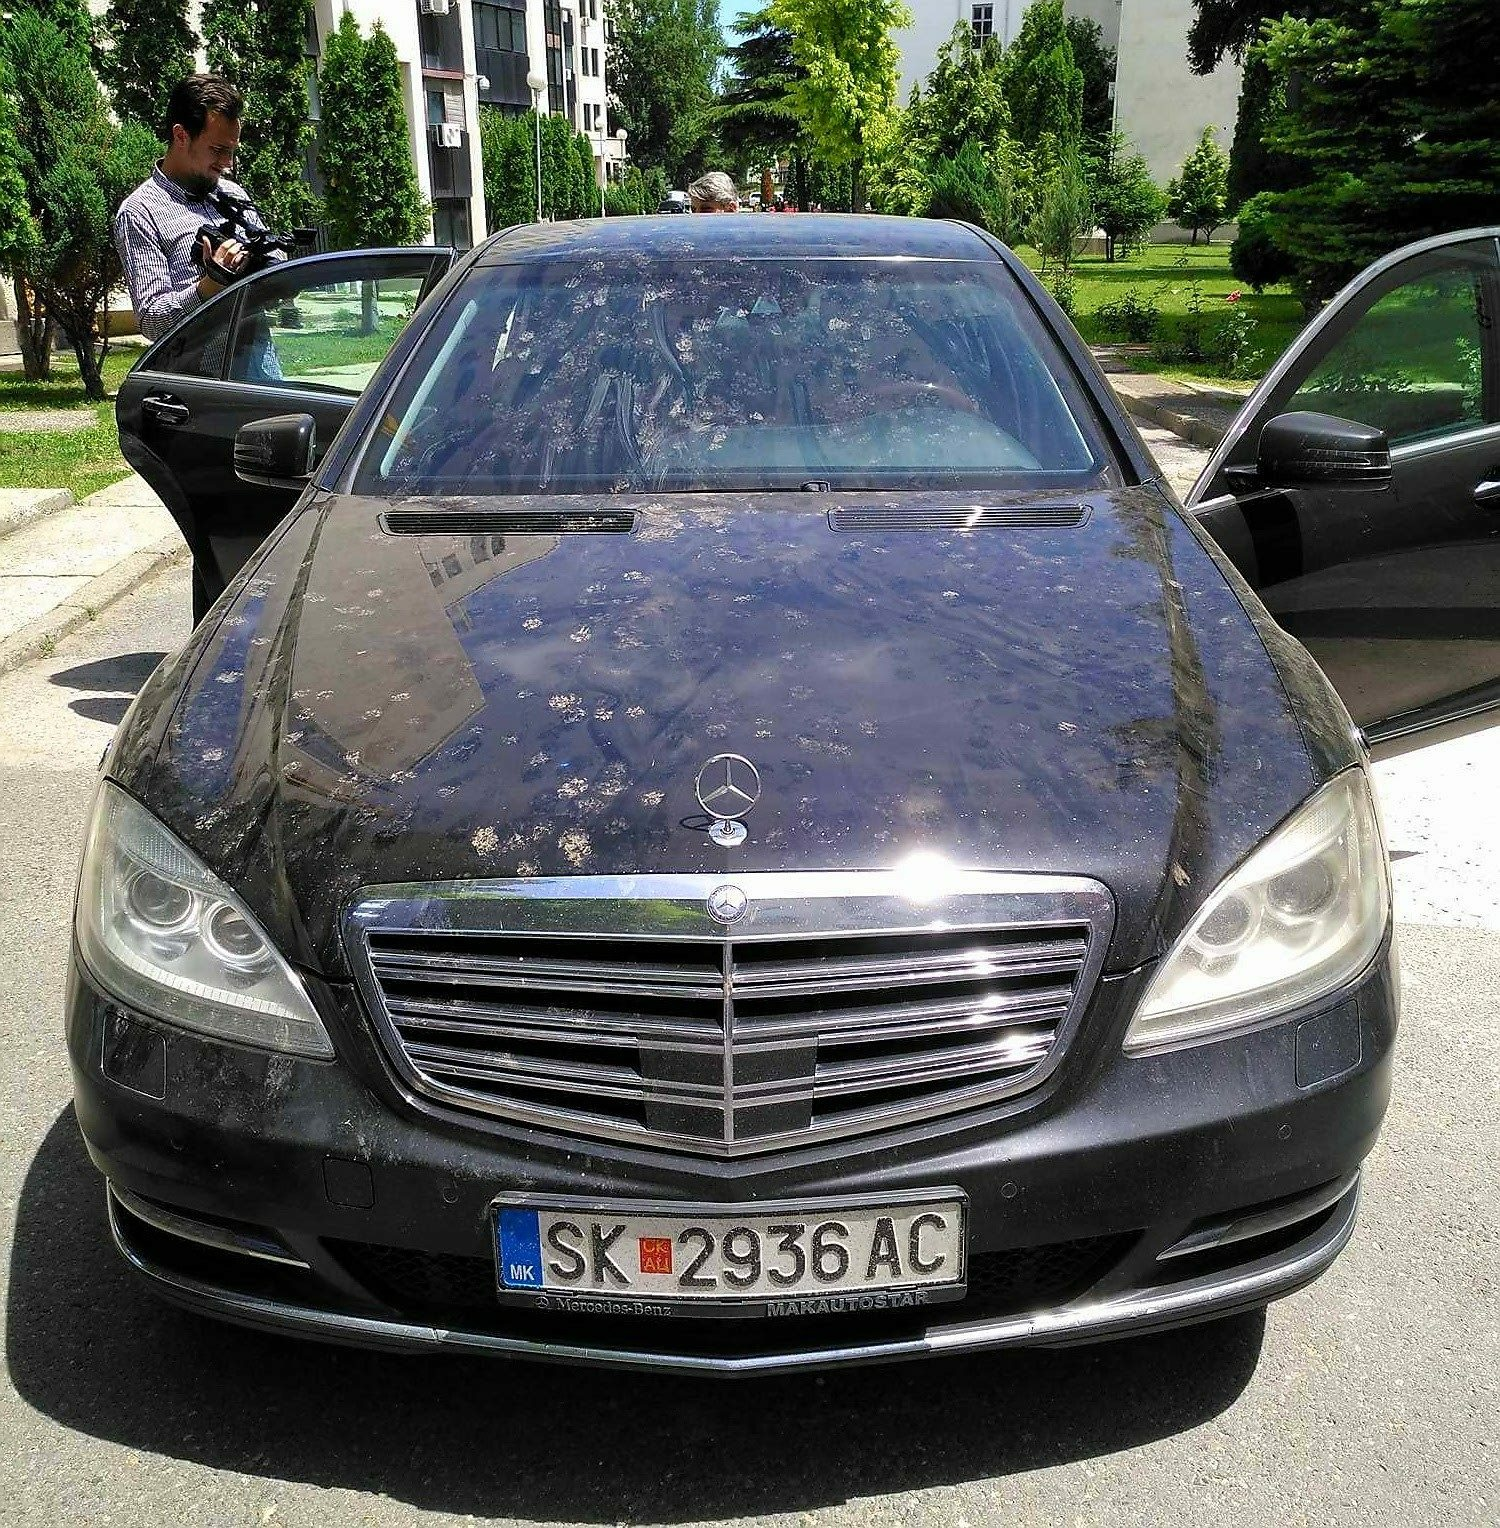 Министерот Спасовски го покажа на јавноста мерцедесот од 600.000 евра